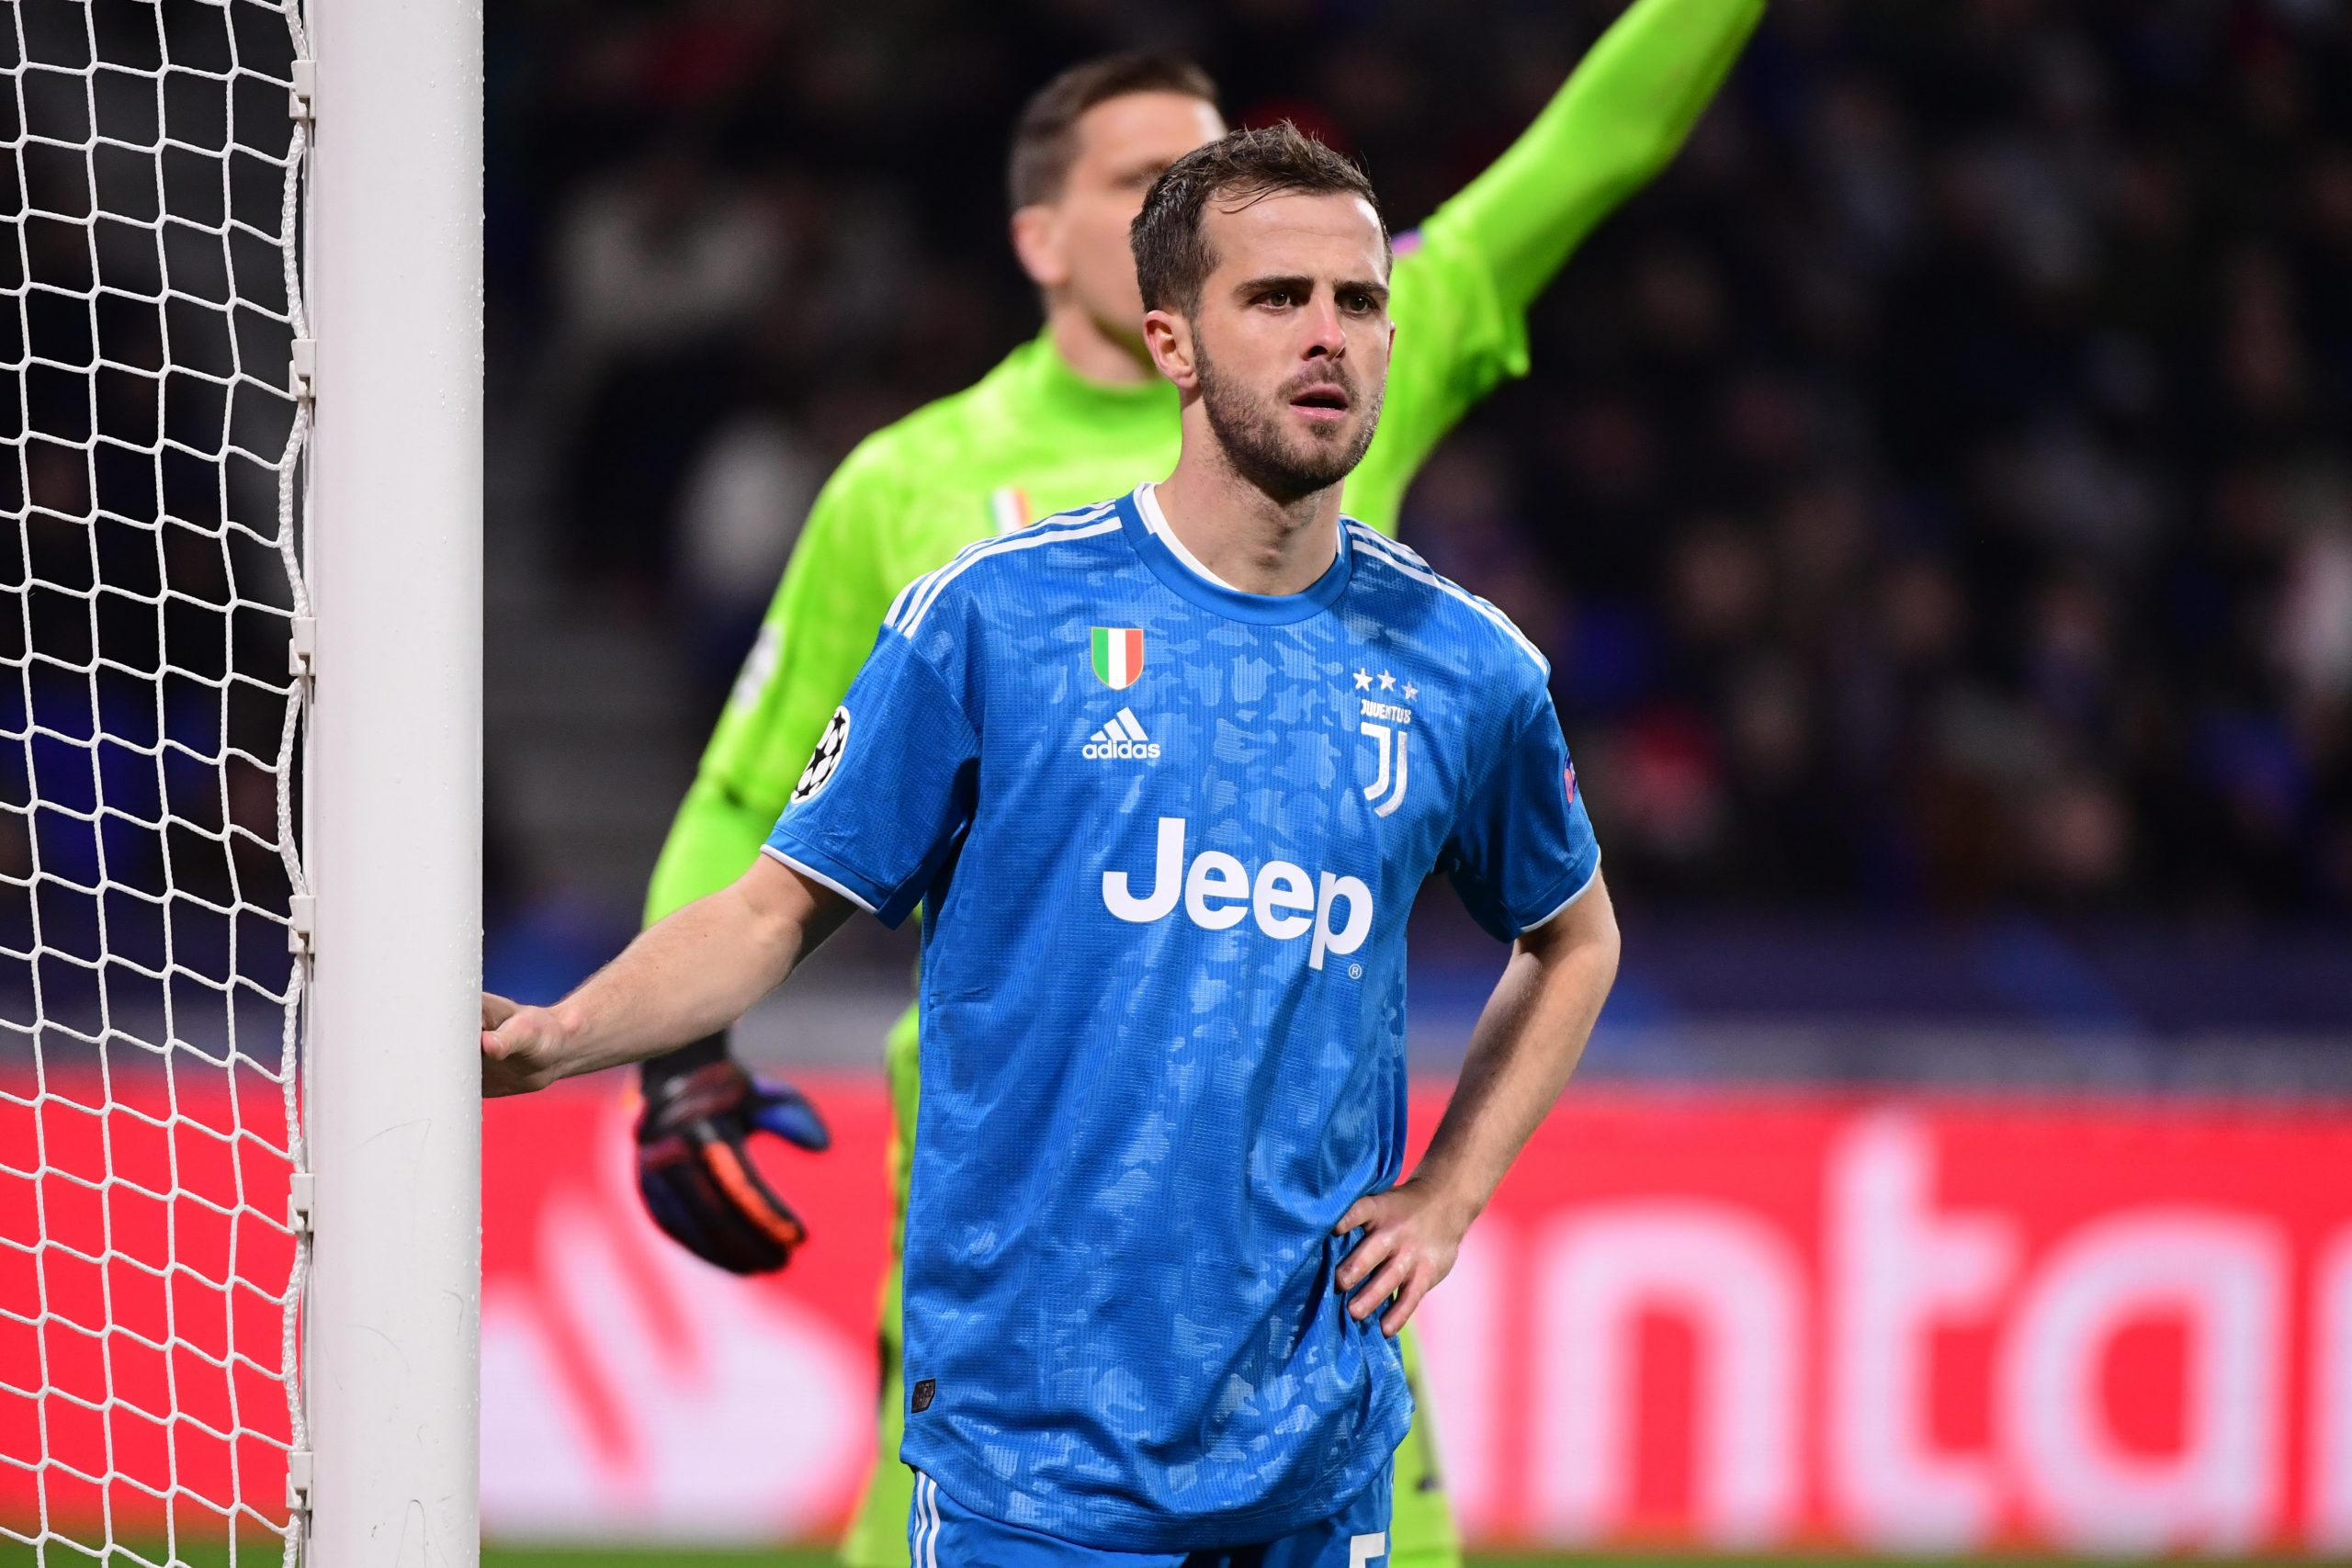 Mercato - Pjanic encore loin du Barça, un transfert au PSG toujours possible selon Di Marzio